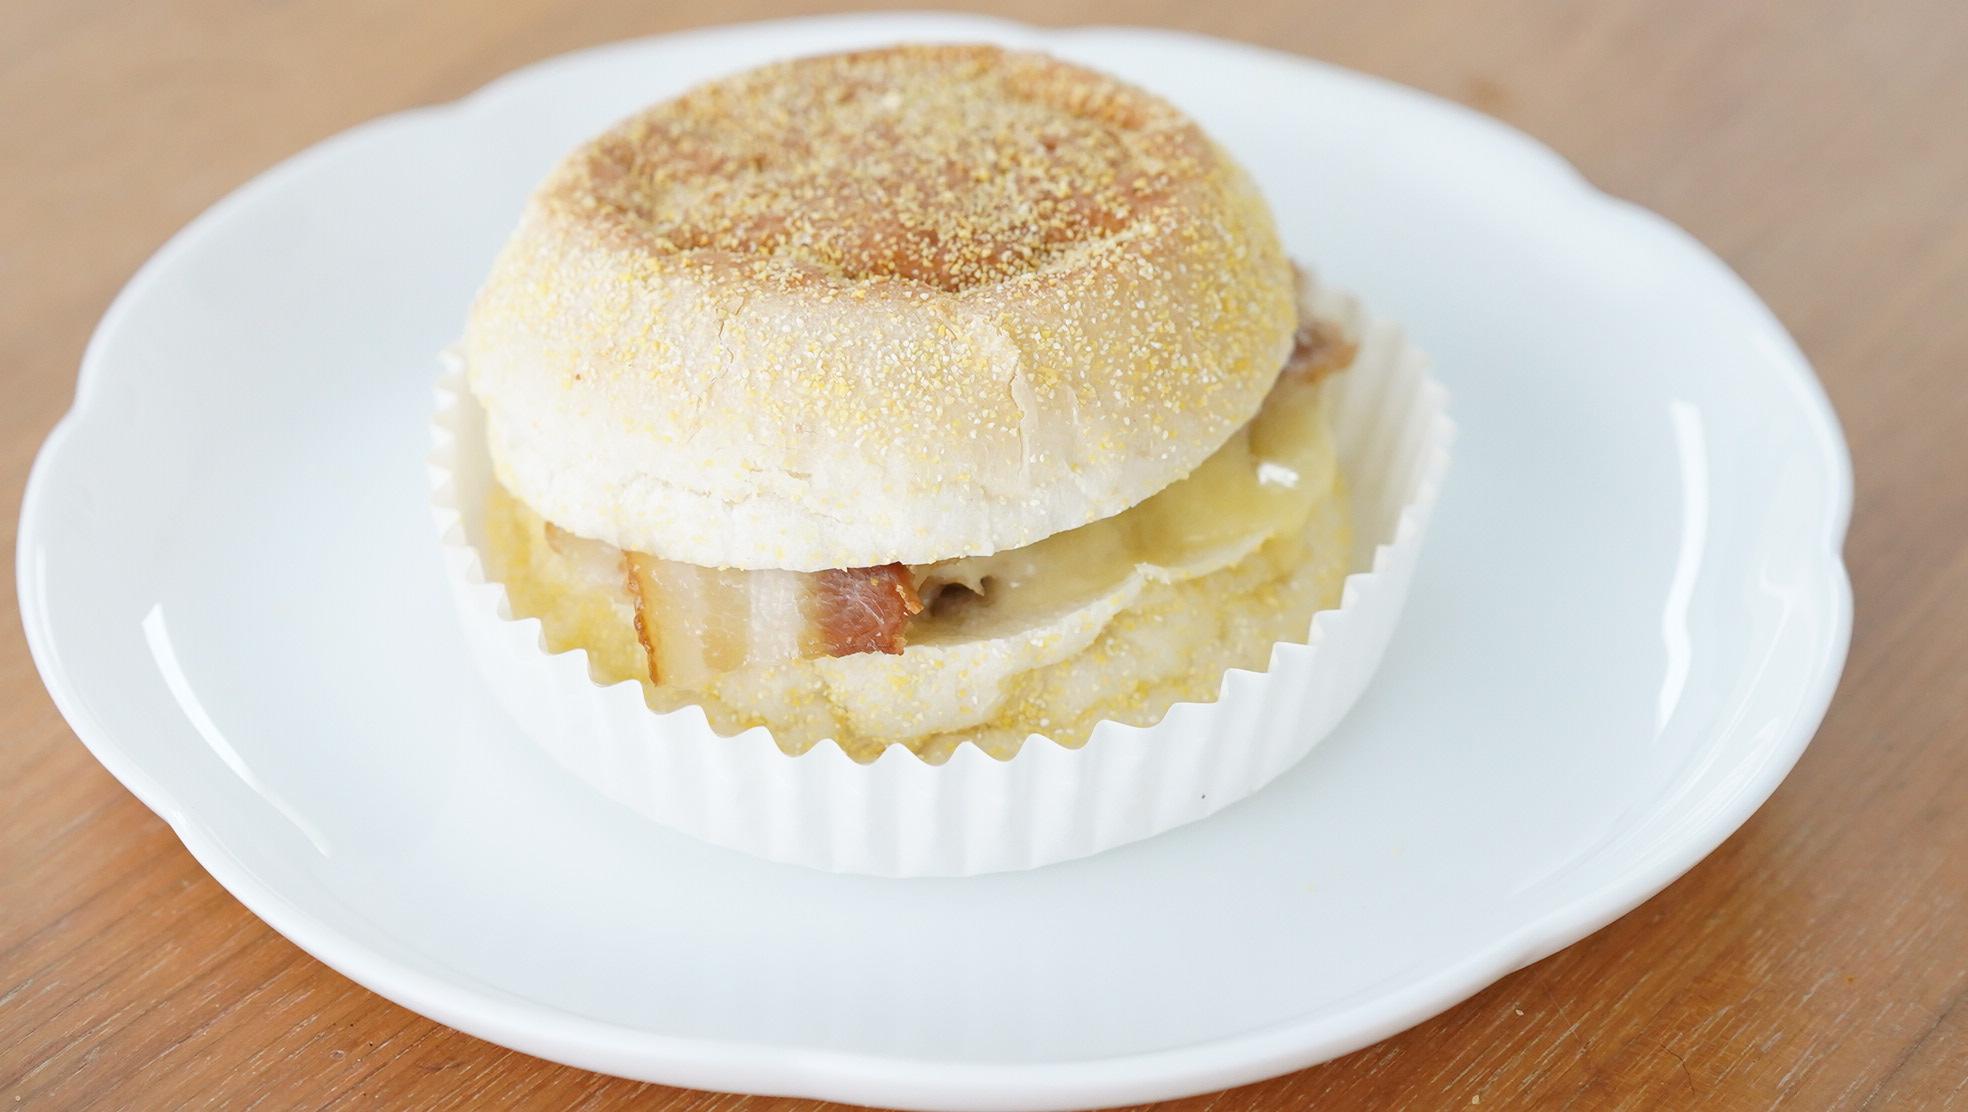 無印良品のおすすめ冷凍食品「ホットサンド・ベーコン&チーズ」の写真